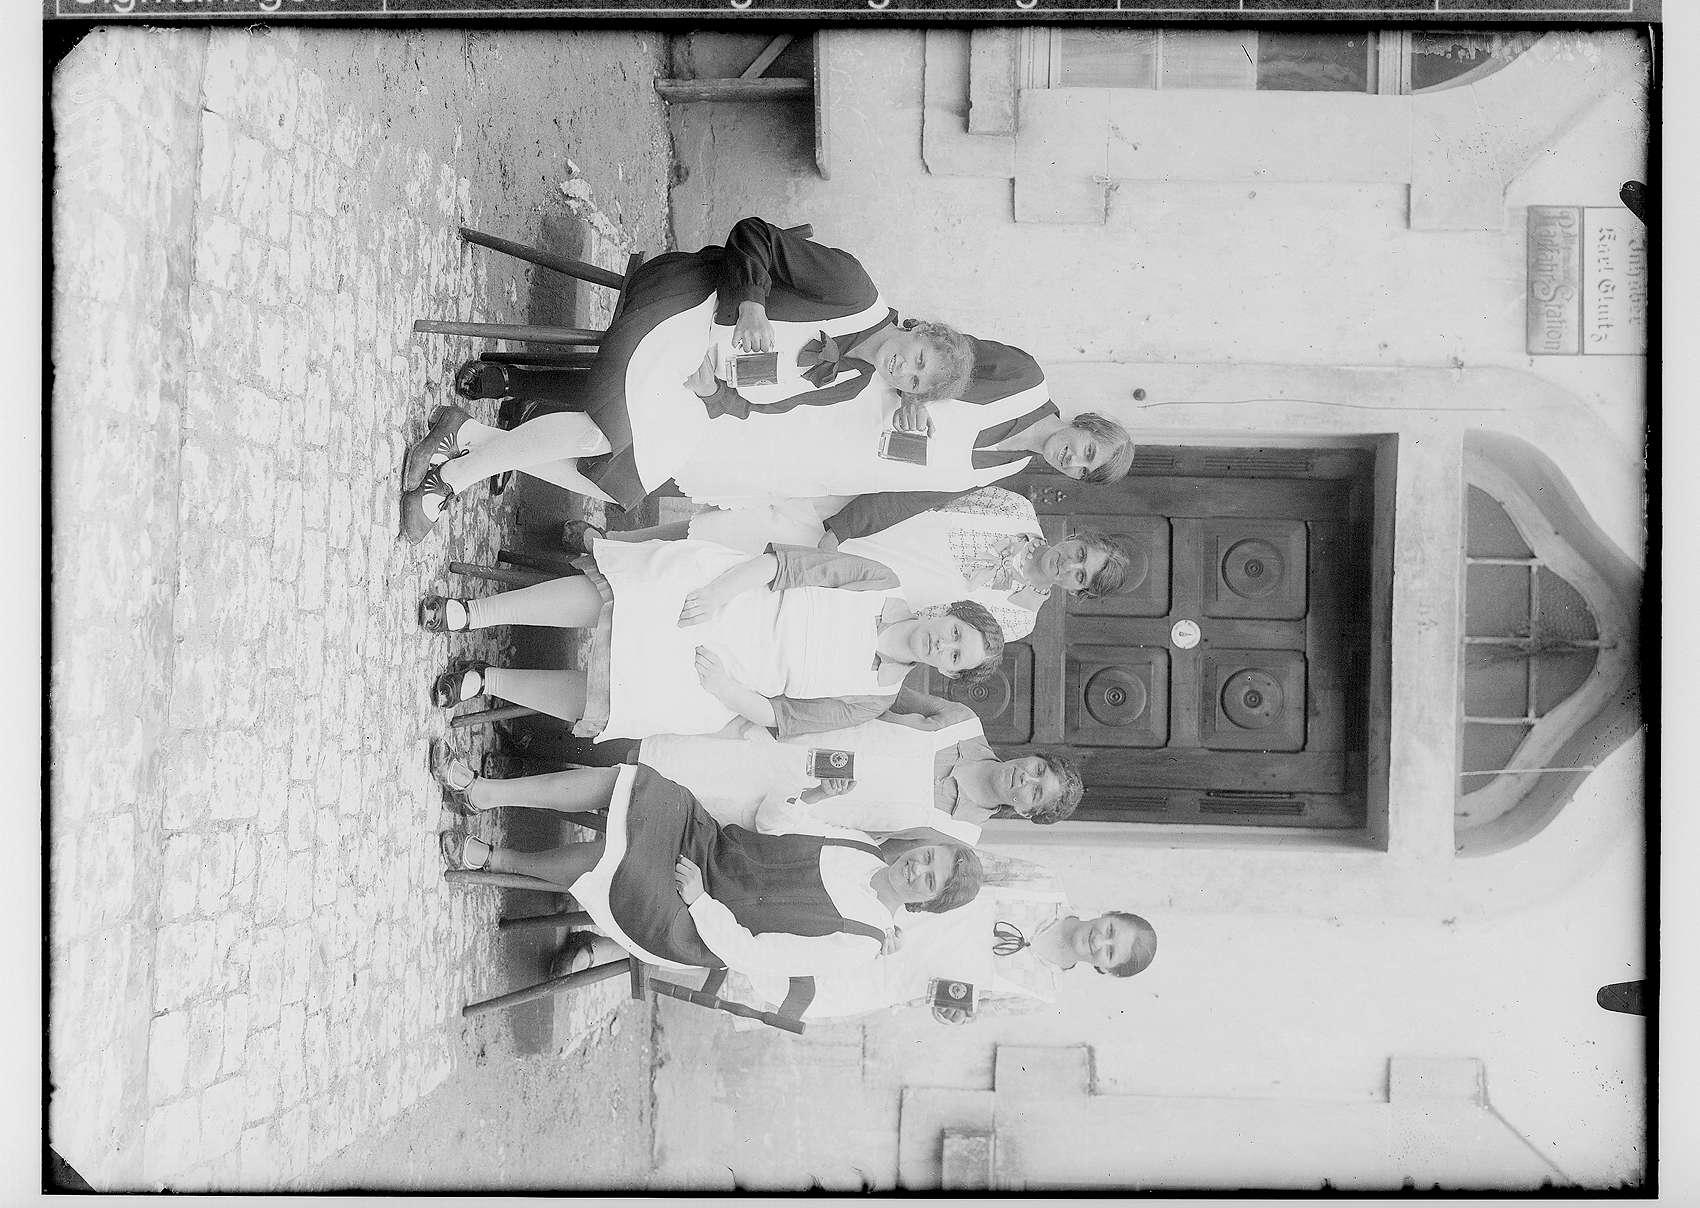 Sieben Frauen mit Sammelbüchsen für das Rote Kreuz vor dem Gasthaus Kreuz in Gammertingen, Inhaber Karl Gluitz, Bild 1